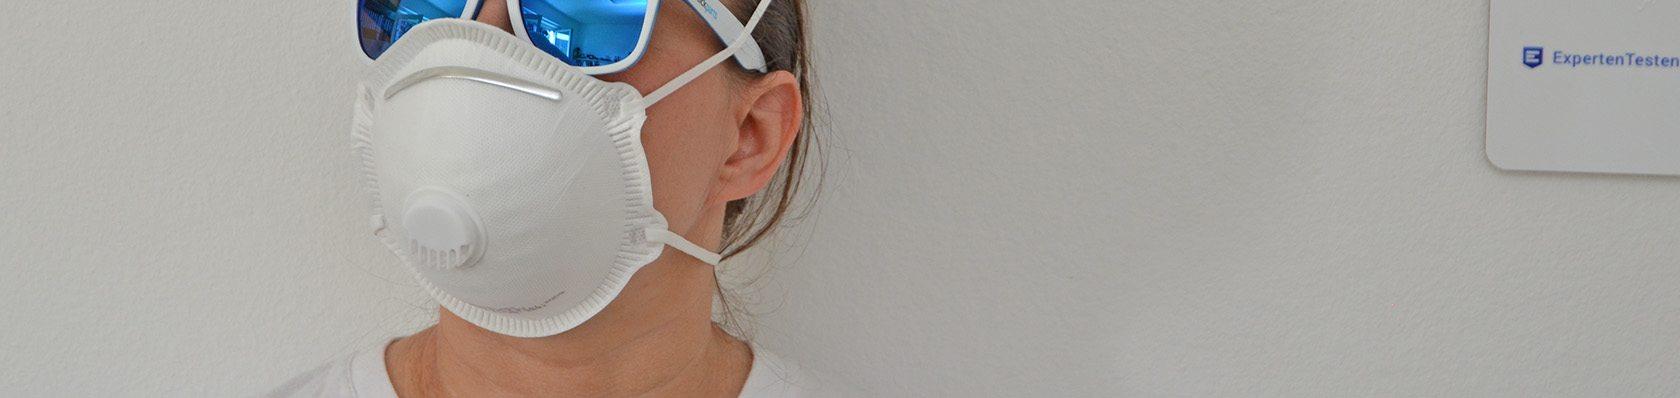 FFP2/FFP3 Atemschutzmasken im Test auf ExpertenTesten.de